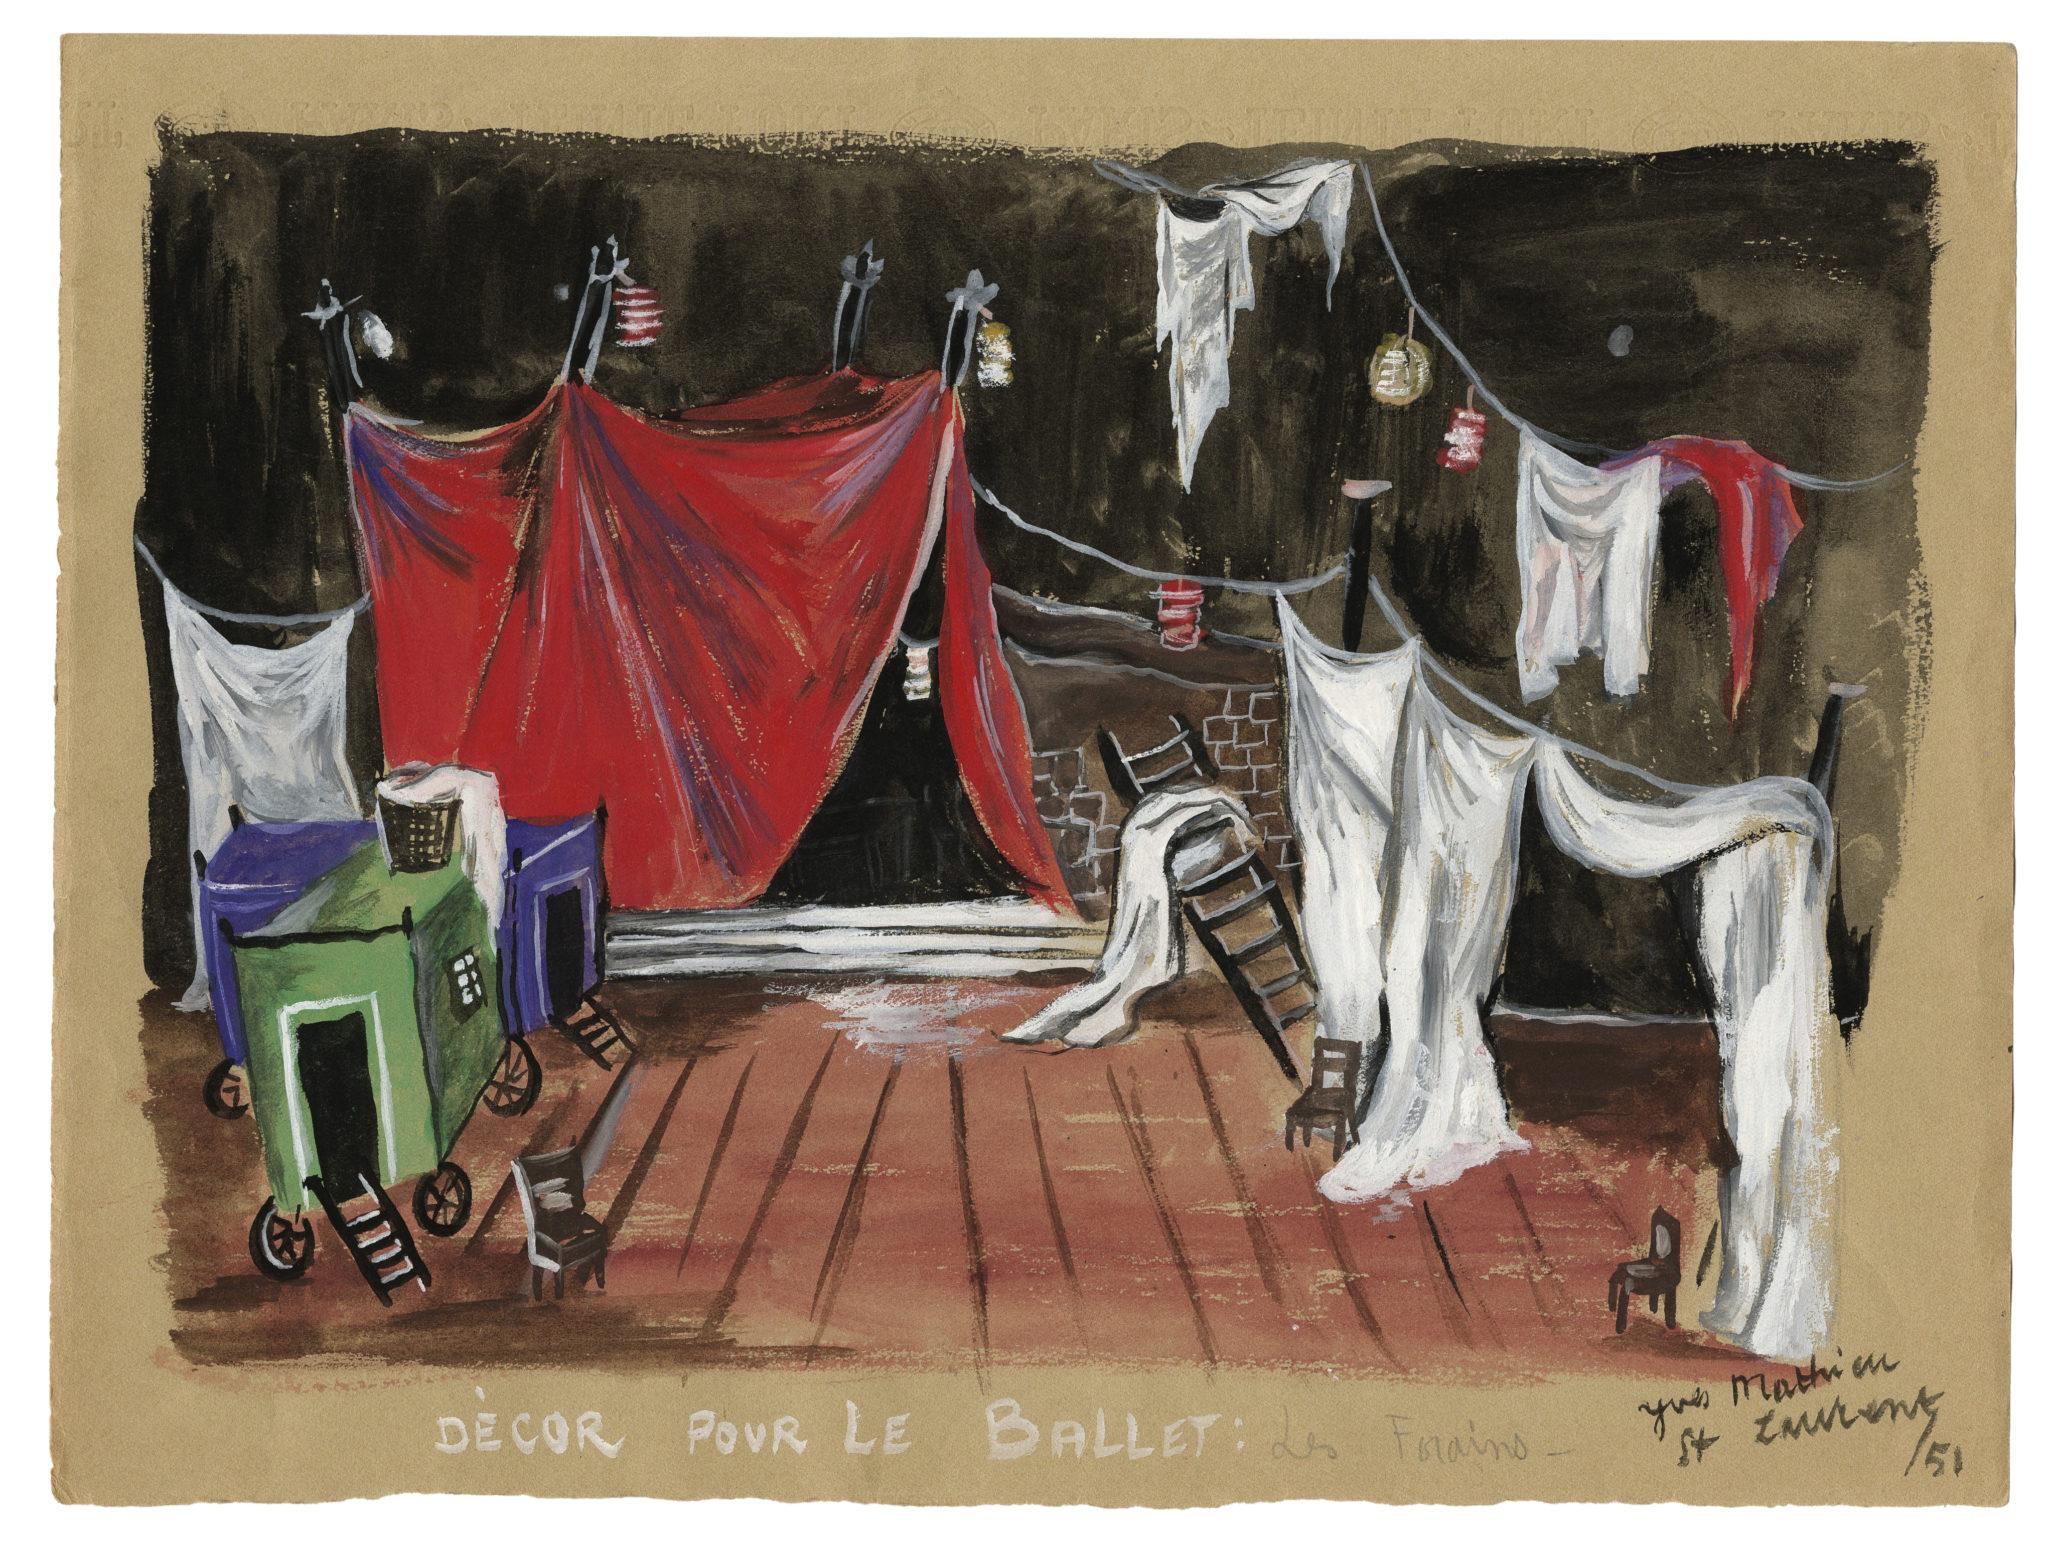 9 - Croquis de décor (non réalisé) pour le ballet Les Forains d'Henri Sauguet, 1951 © Fondation Pierre Bergé - Yves Saint Laurent _ Tous droits réservés